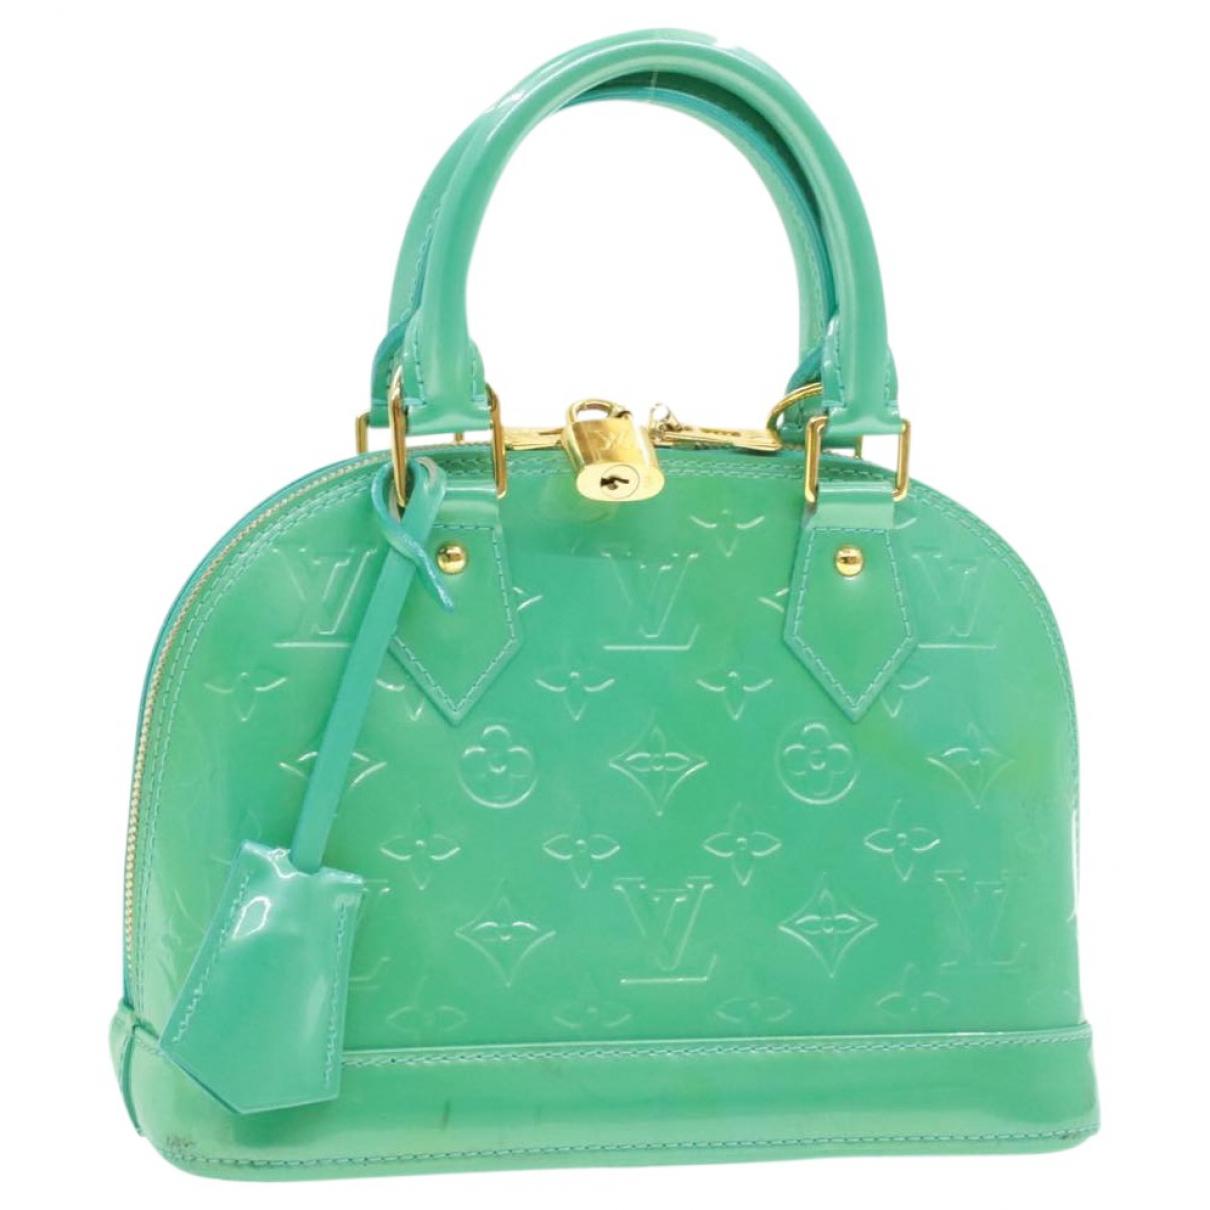 Louis Vuitton Alma BB Turquoise Cloth handbag for Women \N